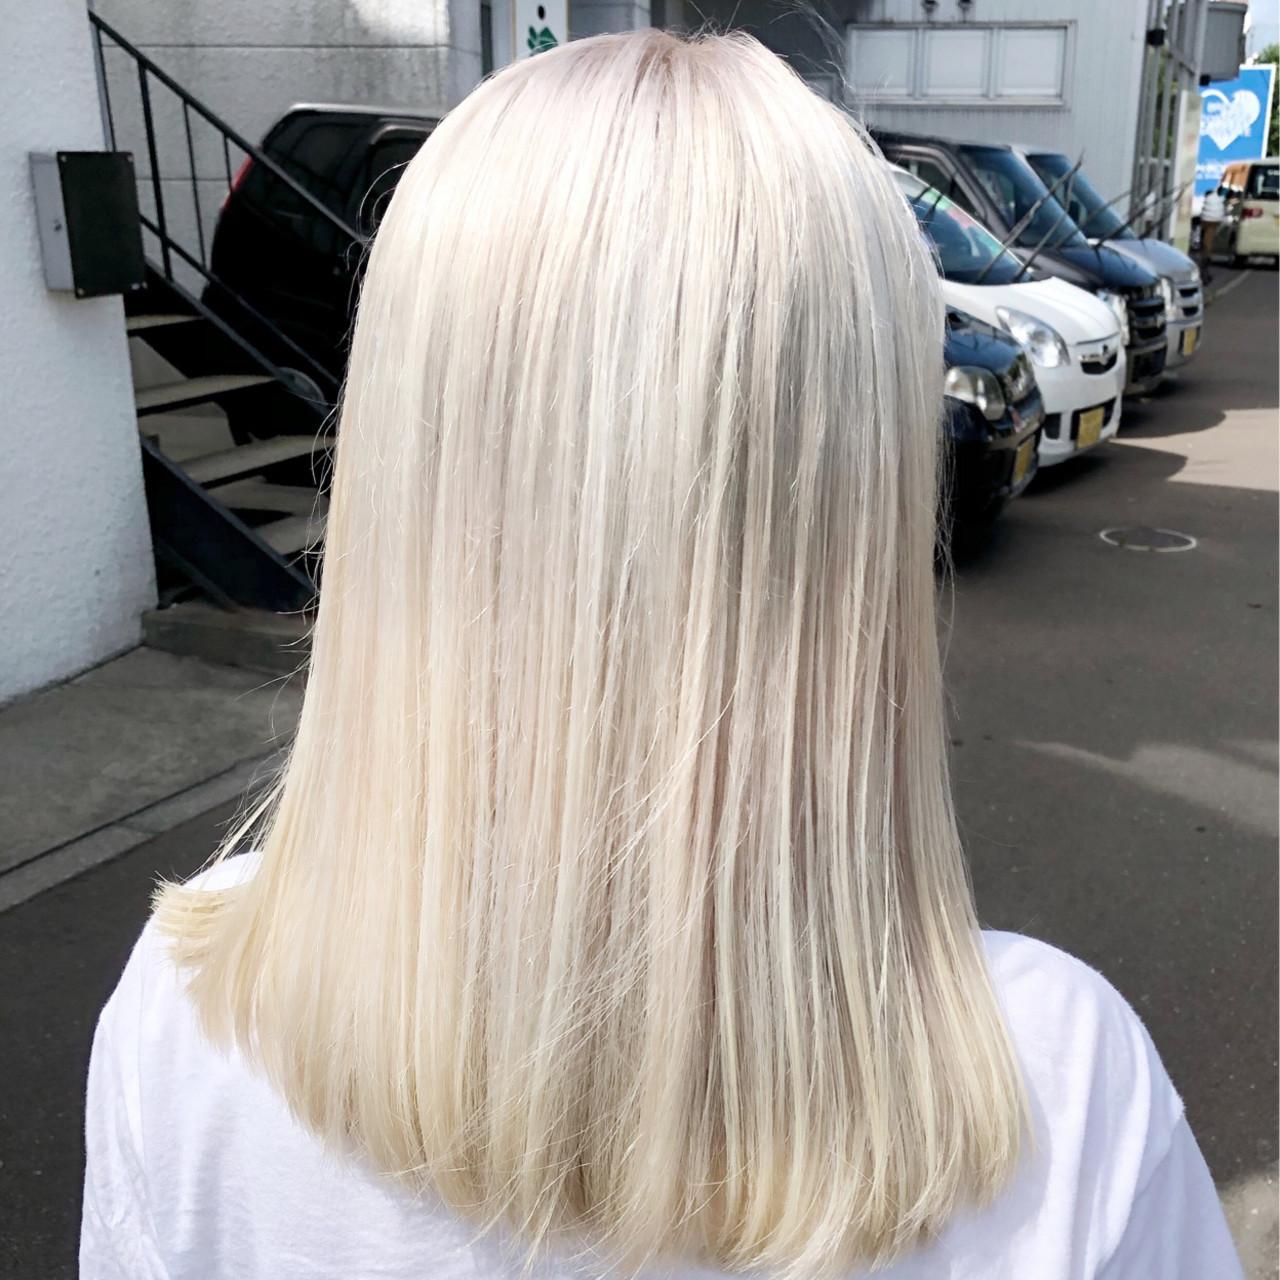 フェミニン ホワイトブリーチ ホワイトカラー ブリーチ ヘアスタイルや髪型の写真・画像